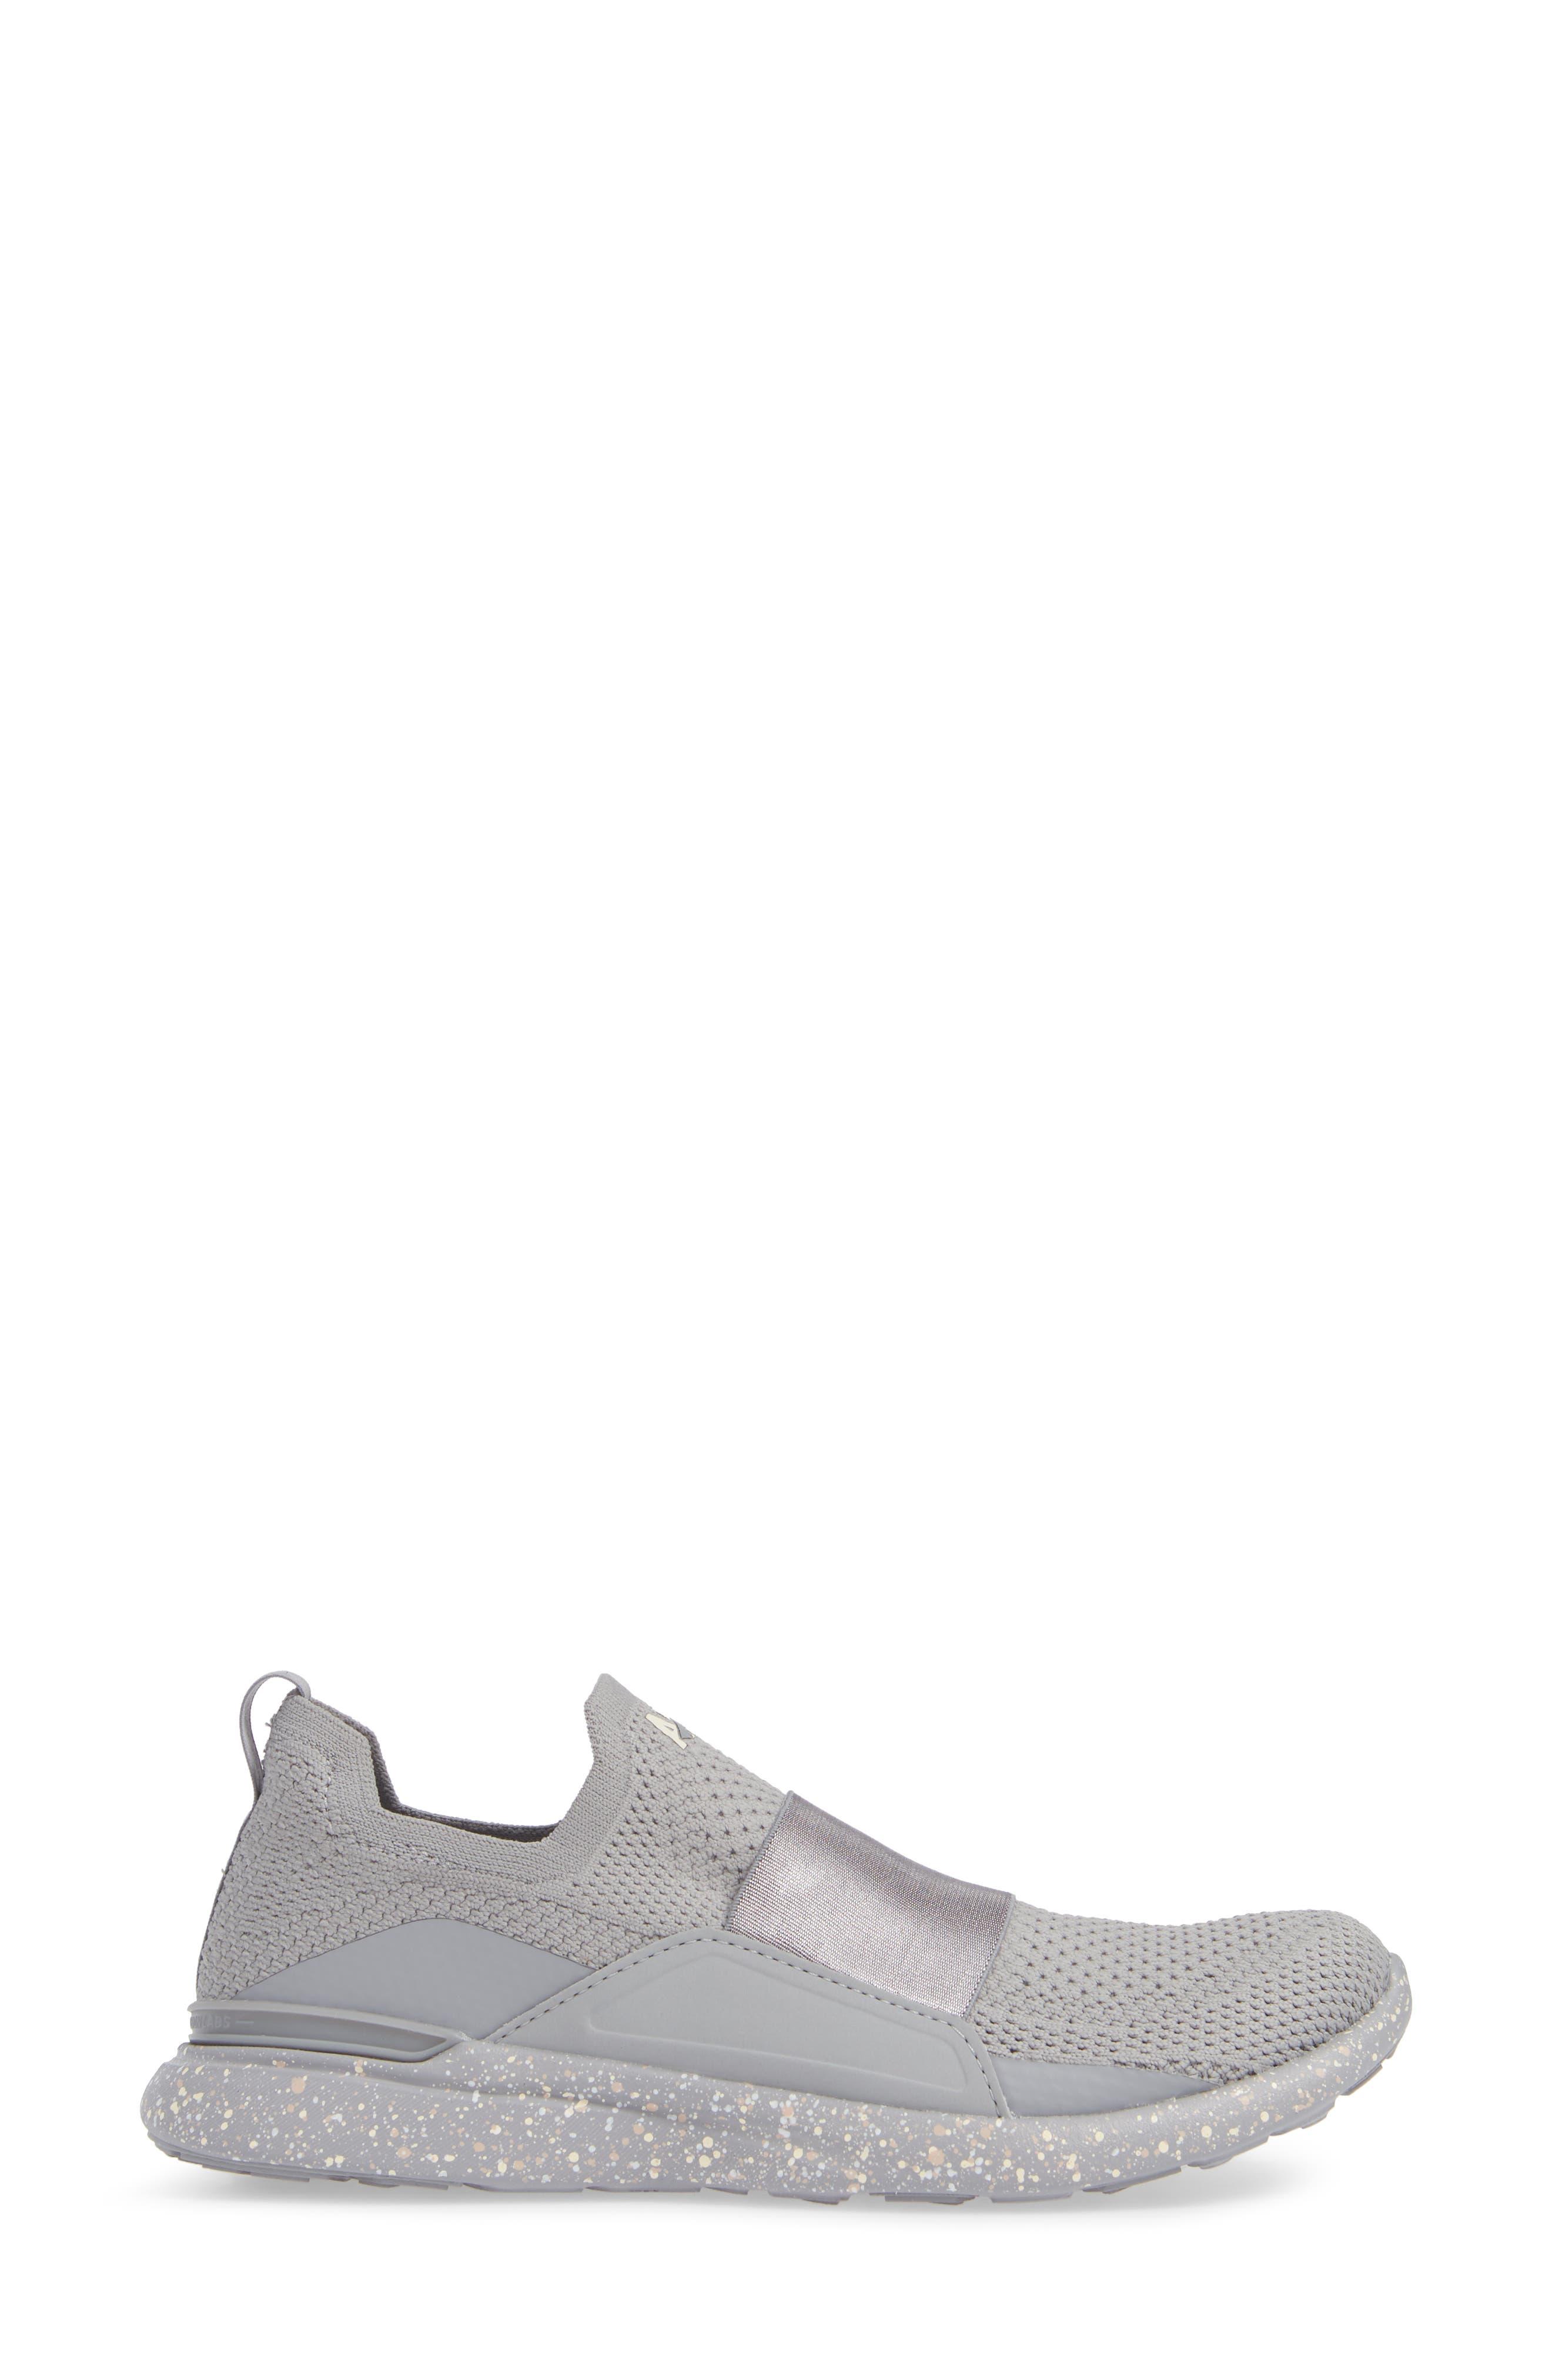 APL,                             Techloom Bliss Knit Running Shoe,                             Alternate thumbnail 3, color,                             CEMENT/ SEA SALT/ CREAM